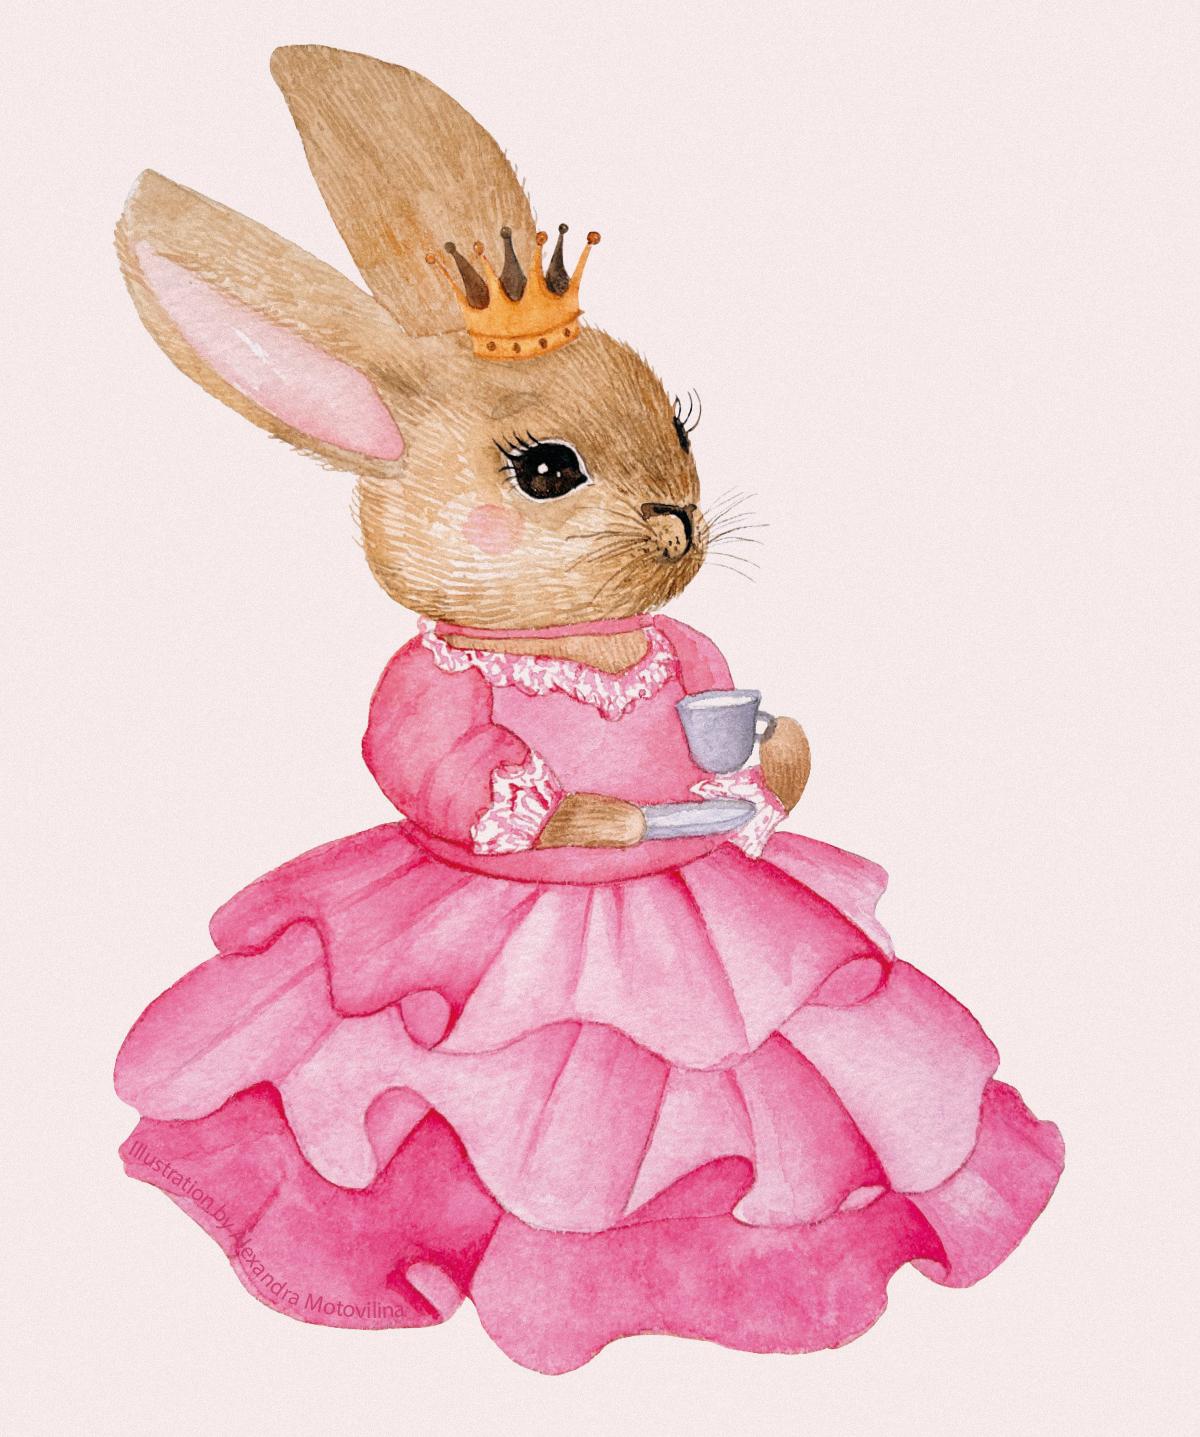 Alexandra-Motovilina_Rabbit-Princess